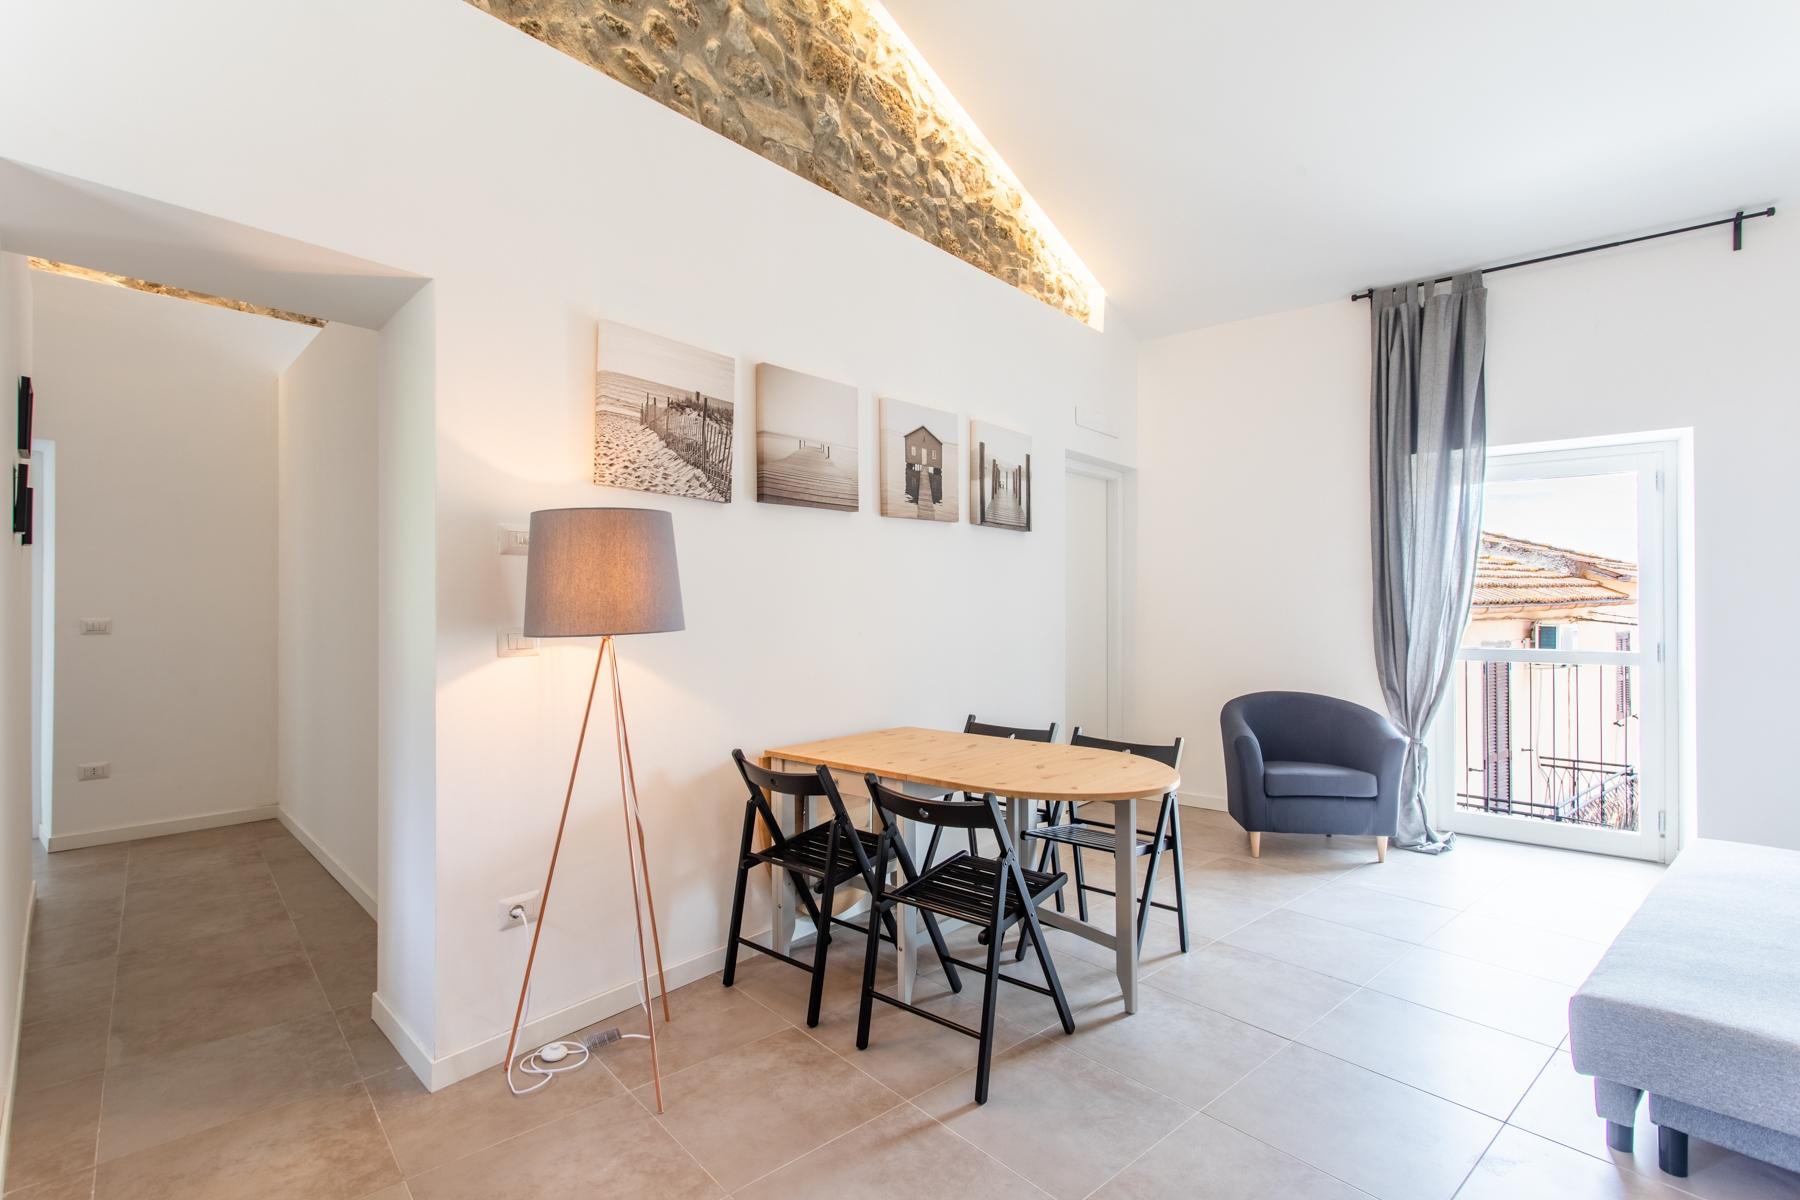 Appartamento in Vendita a Trevignano Romano: 4 locali, 85 mq - Foto 2